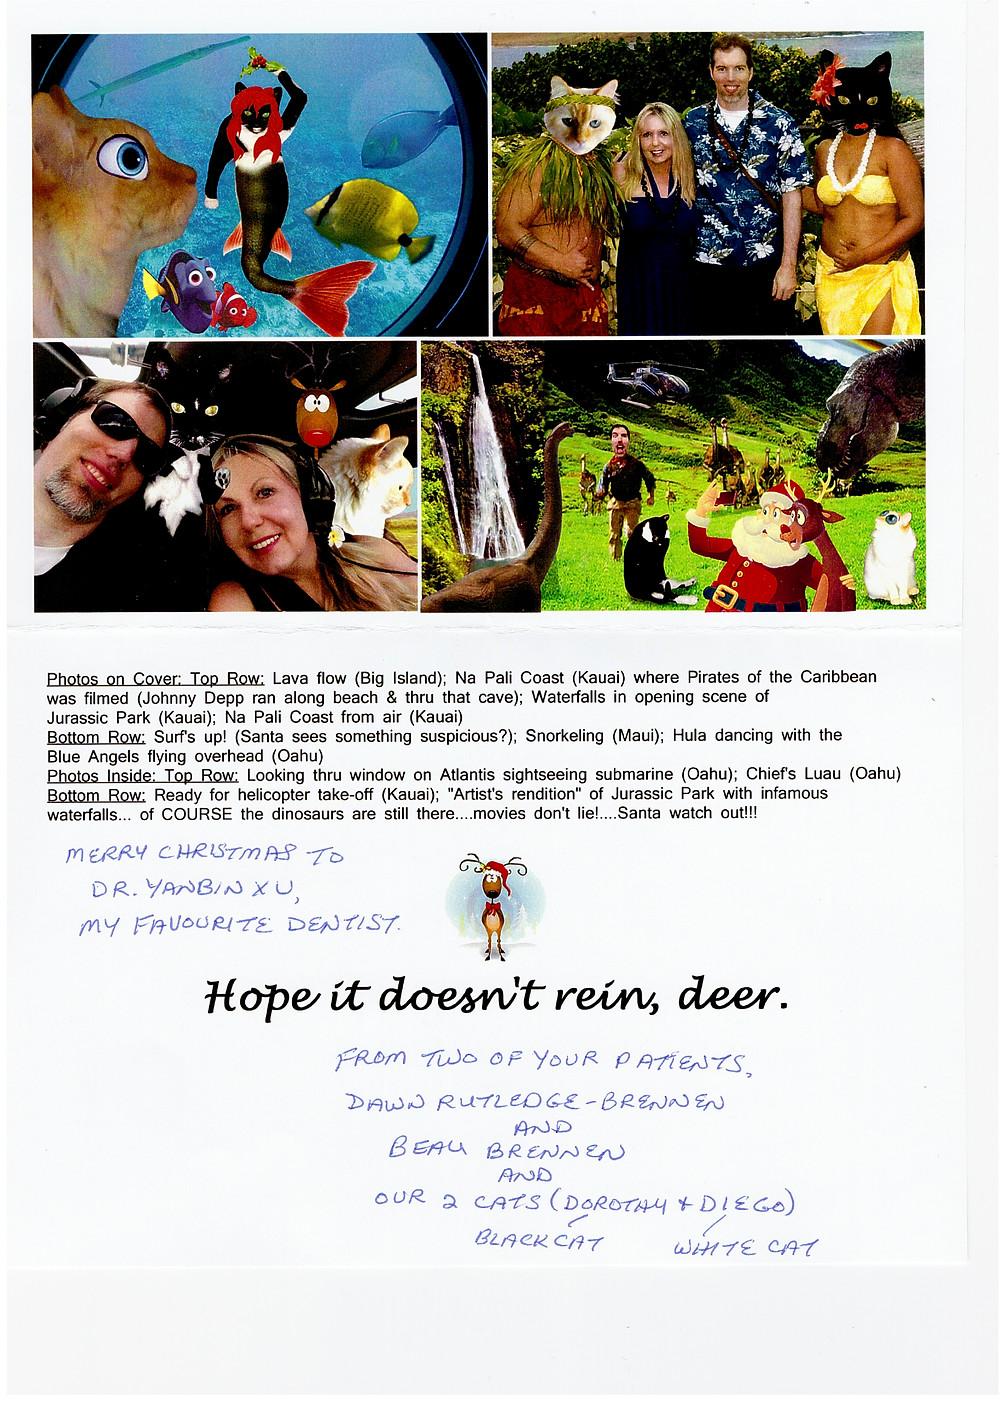 Donna christmas card.jpg